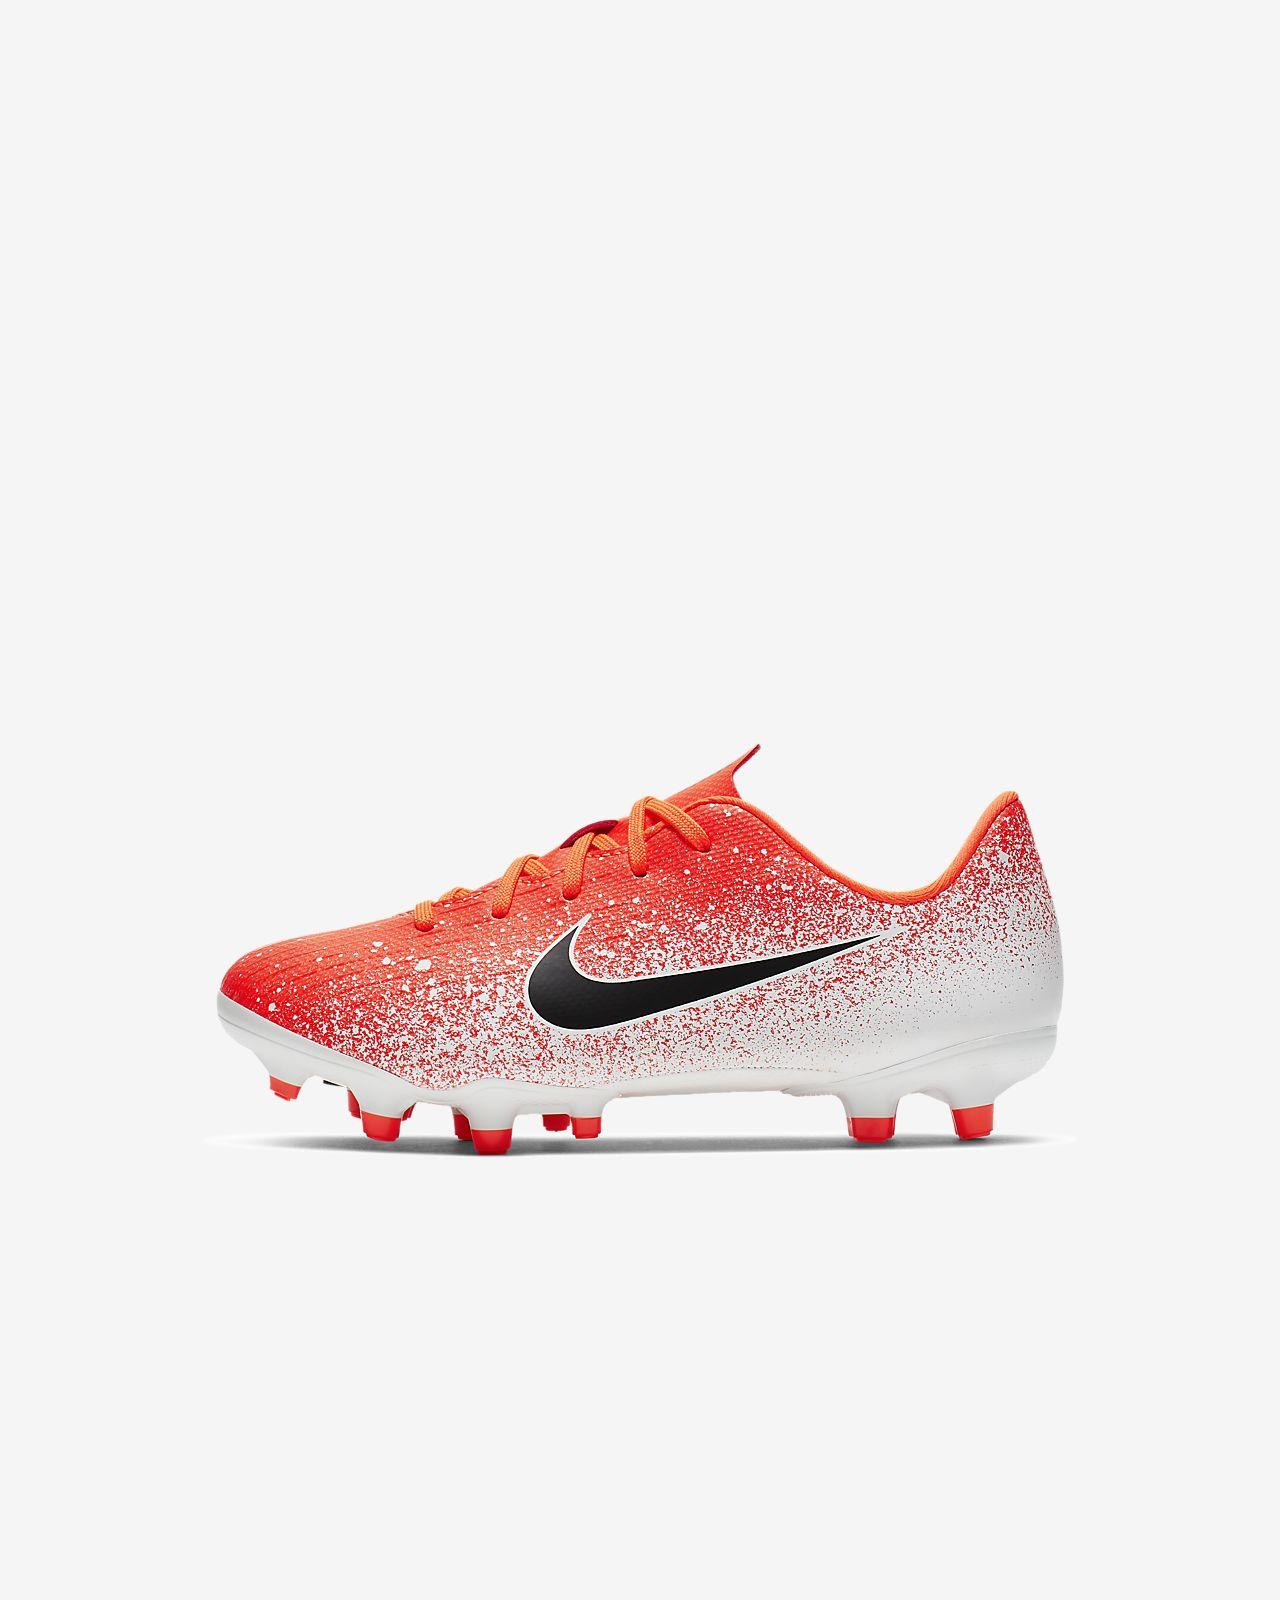 Ποδοσφαιρικό παπούτσι για πολλές επιφάνειες Nike Jr. MercurialX Vapor XII Academy για νήπια/μικρά παιδιά